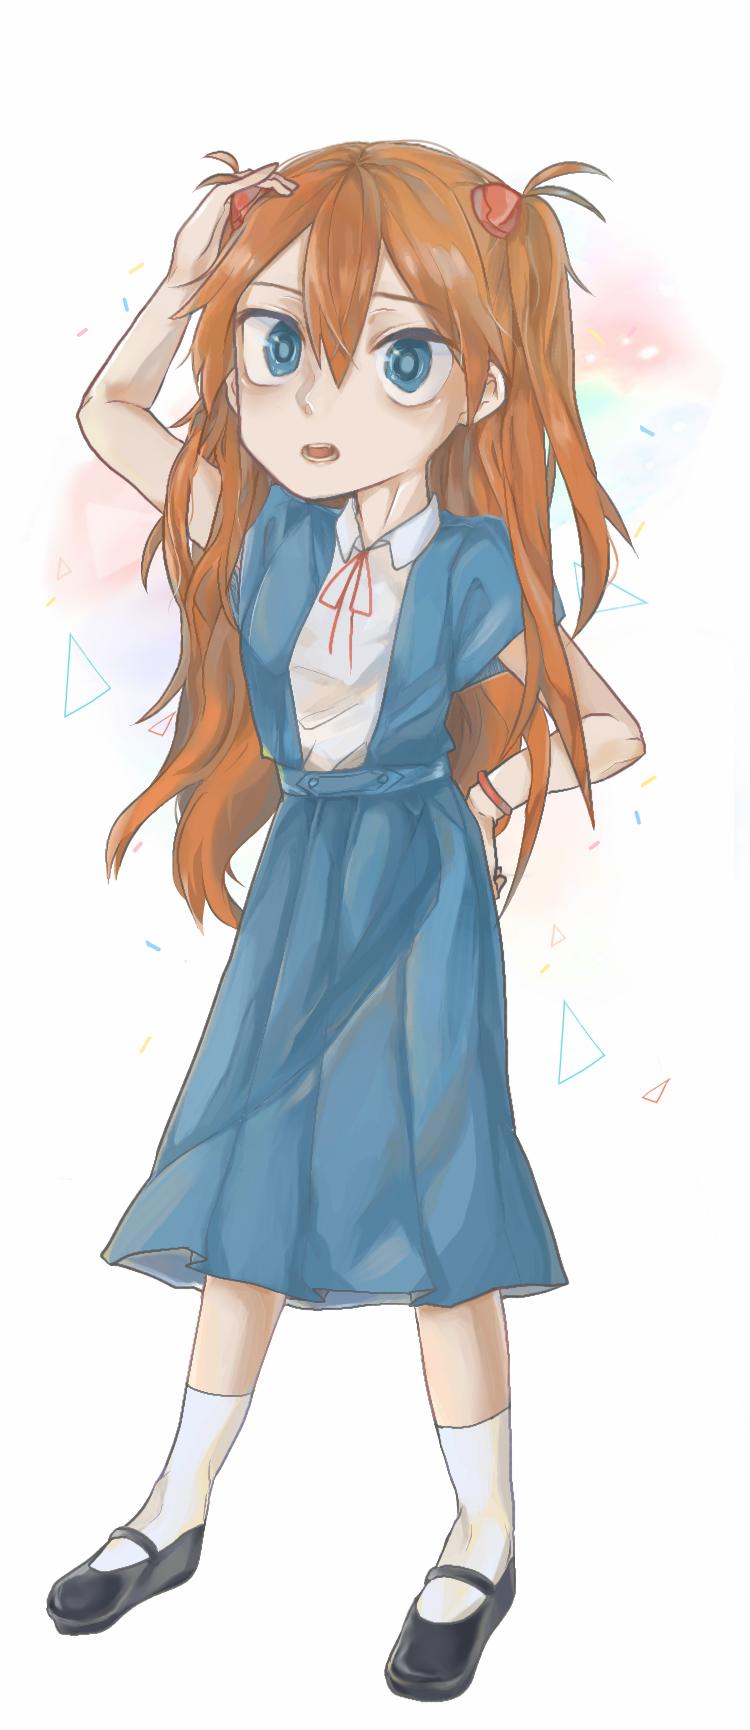 アスカ🌷 Illust of Gamae kyoto-illust2019 medibangpaint エヴァンゲリヲン girl EVANGELION Eva アスカ 惣流・アスカ・ラングレー Asuka